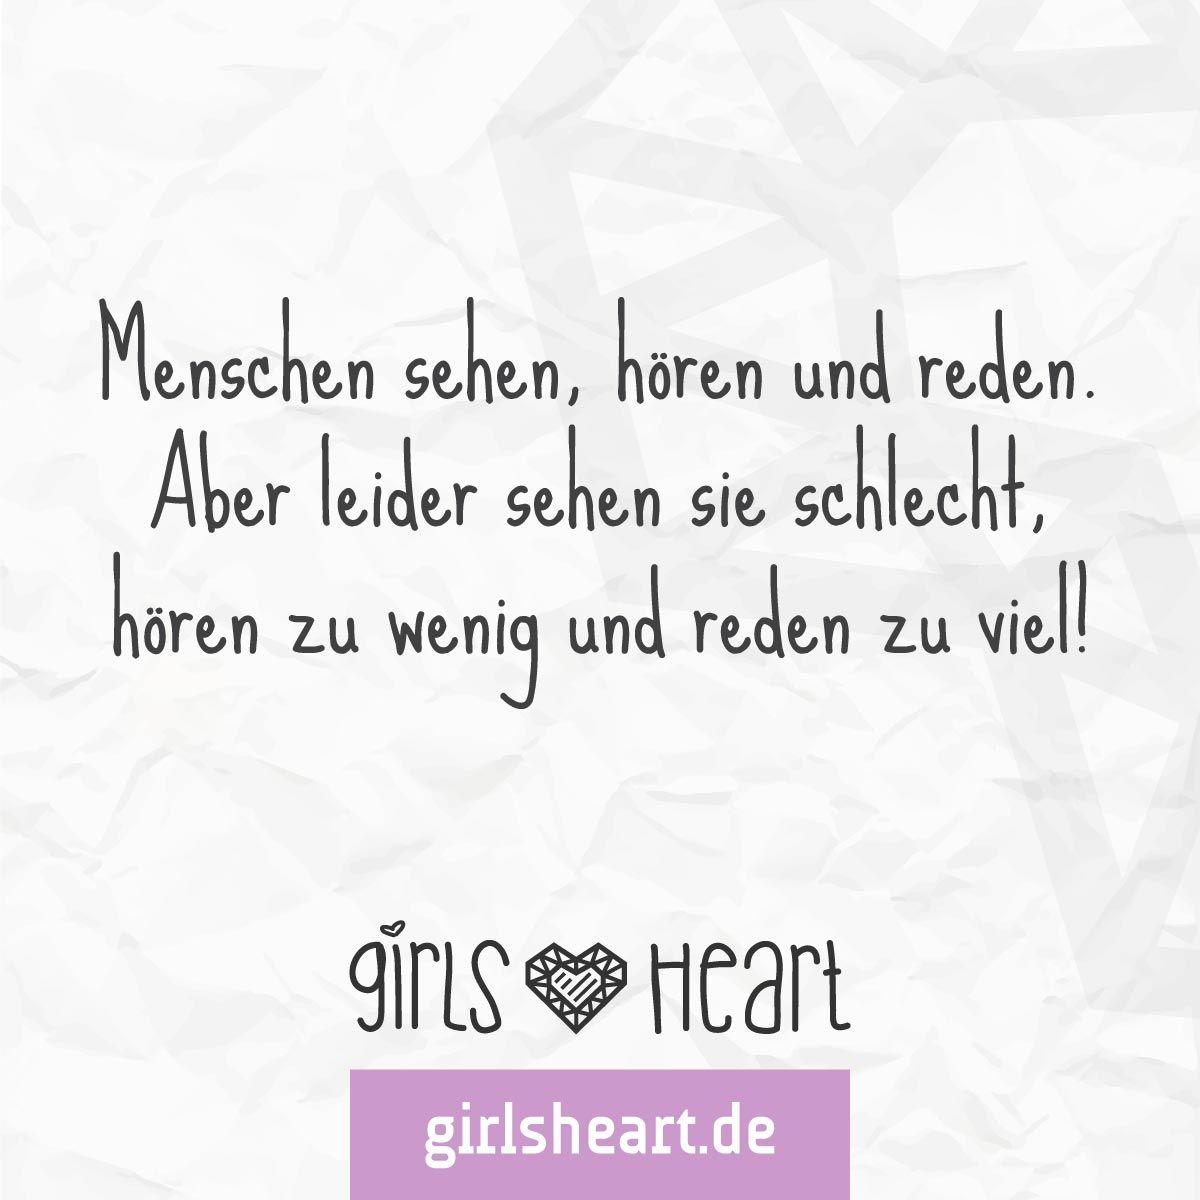 Mehr Sprüche auf: .girlsheart.de #menschen #freunde #lästern